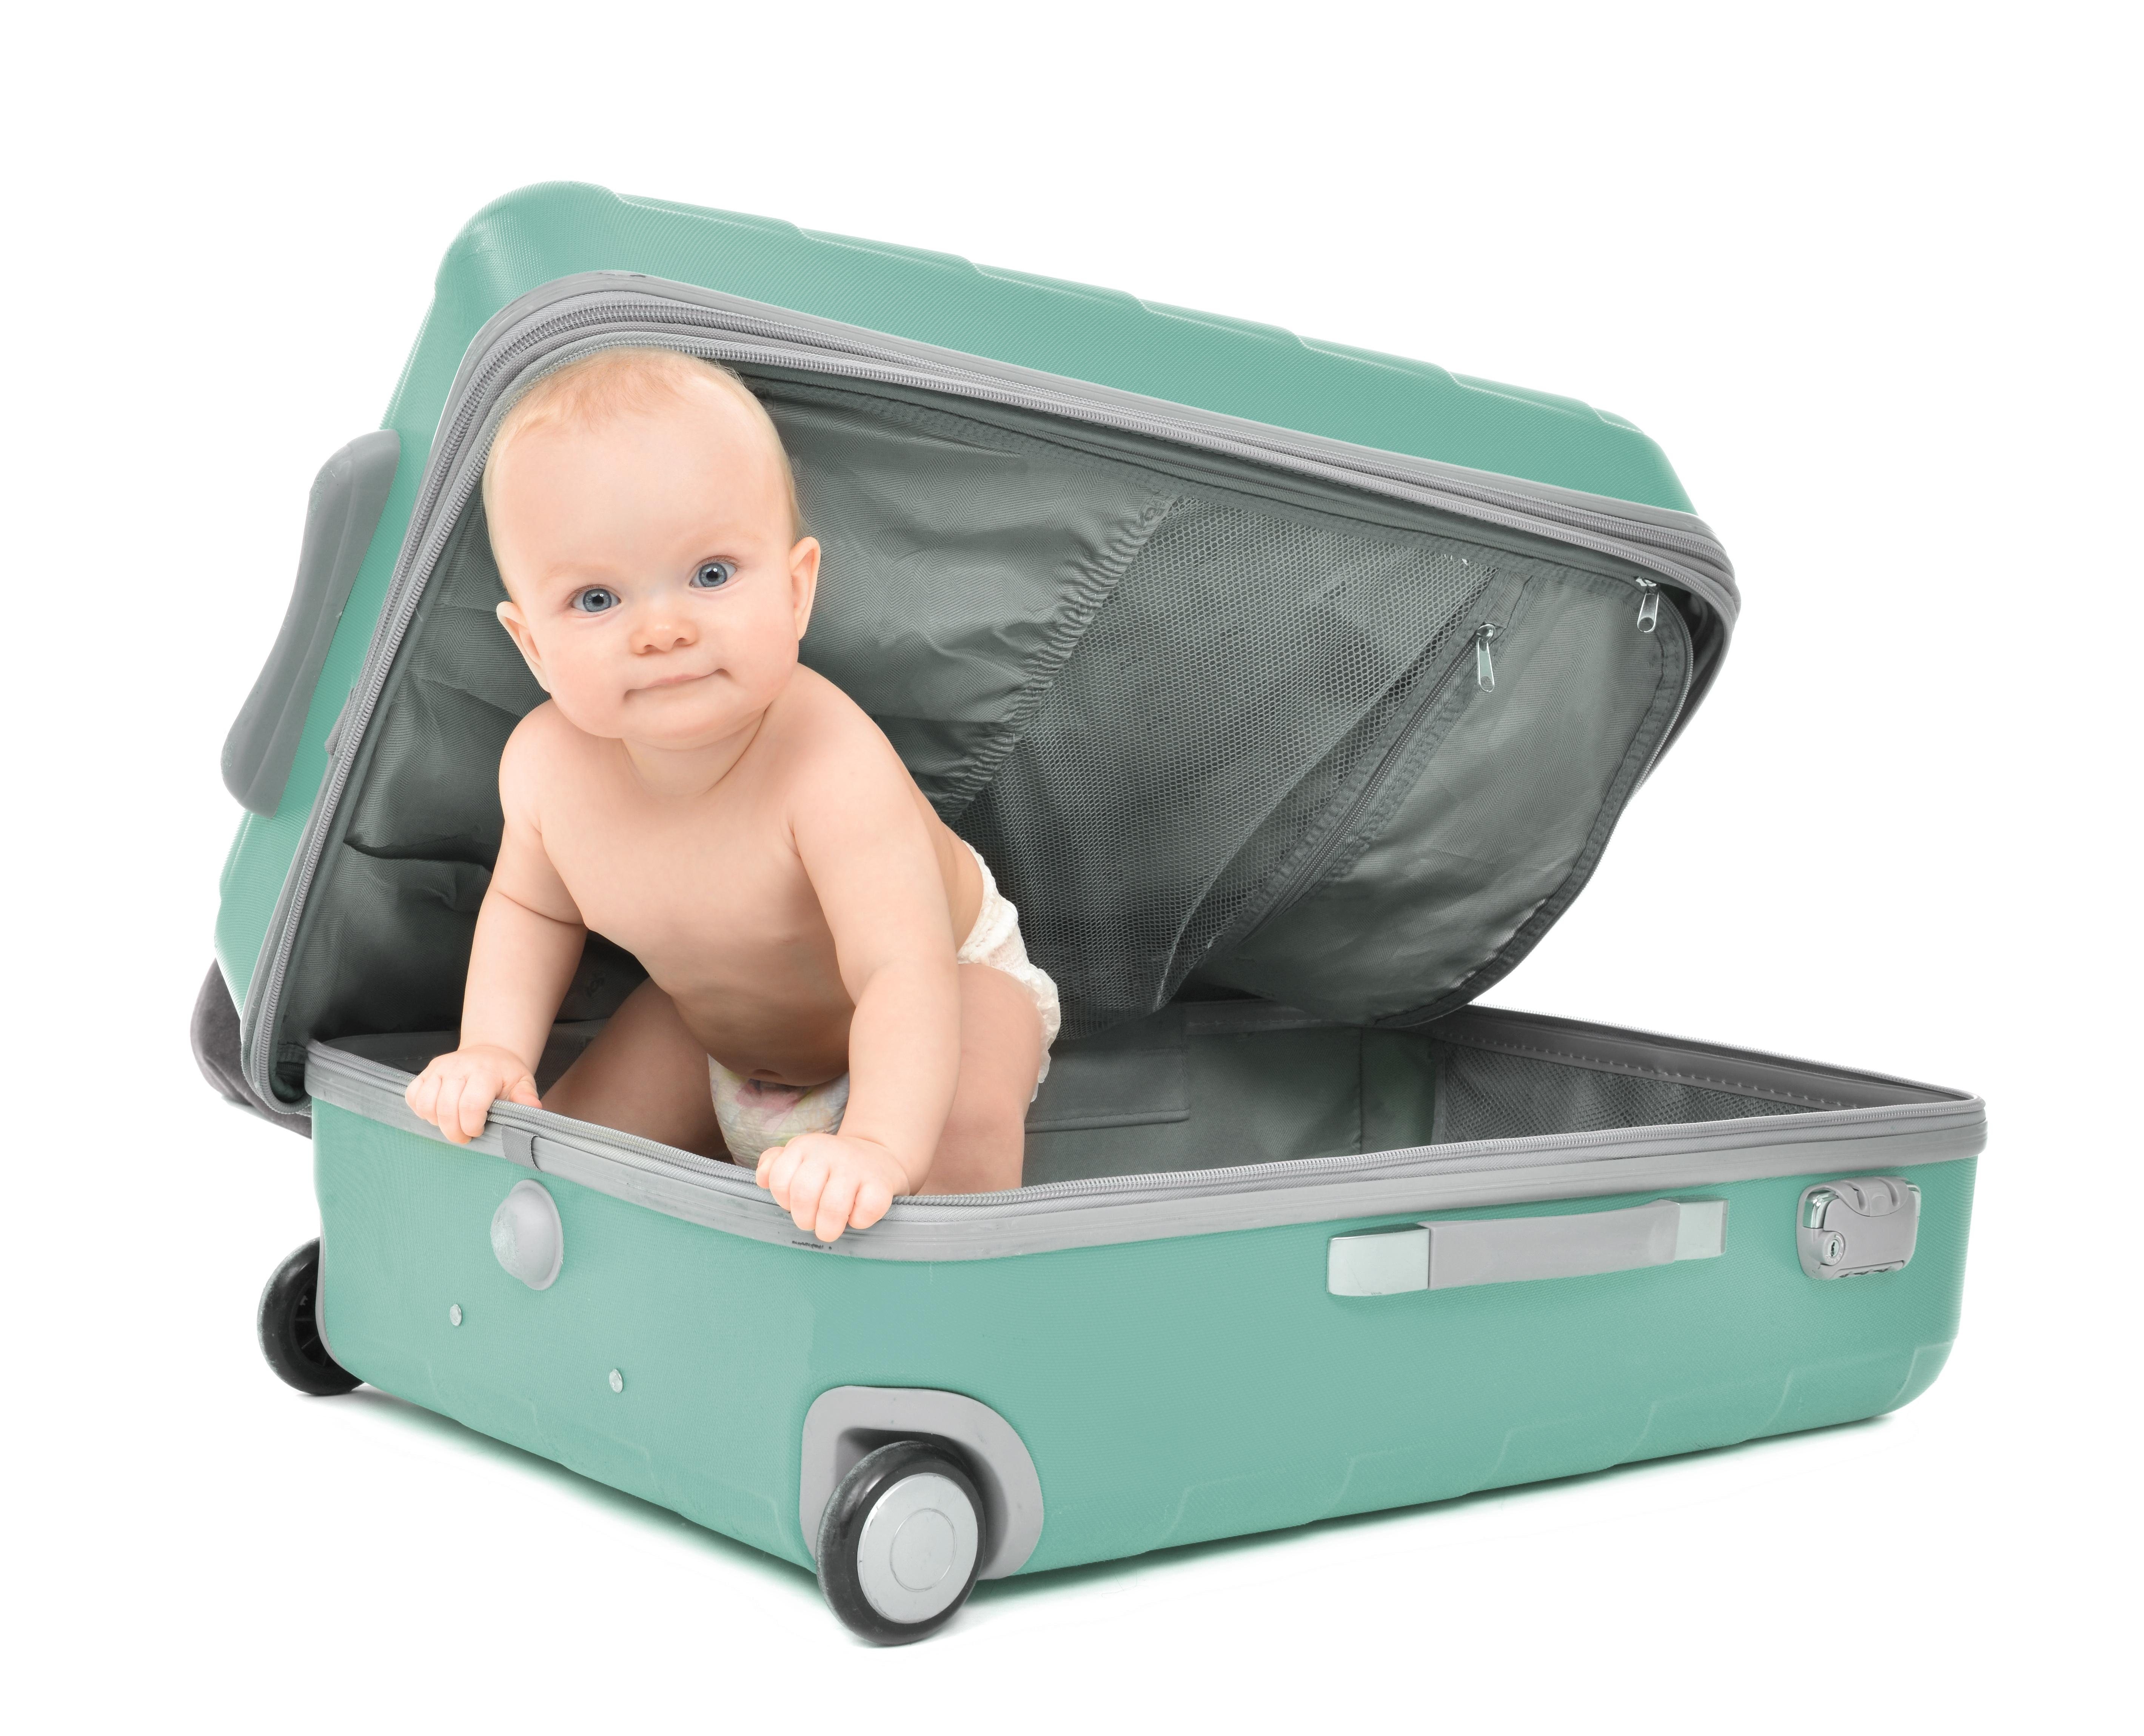 Niemowlę w zielonej walizce